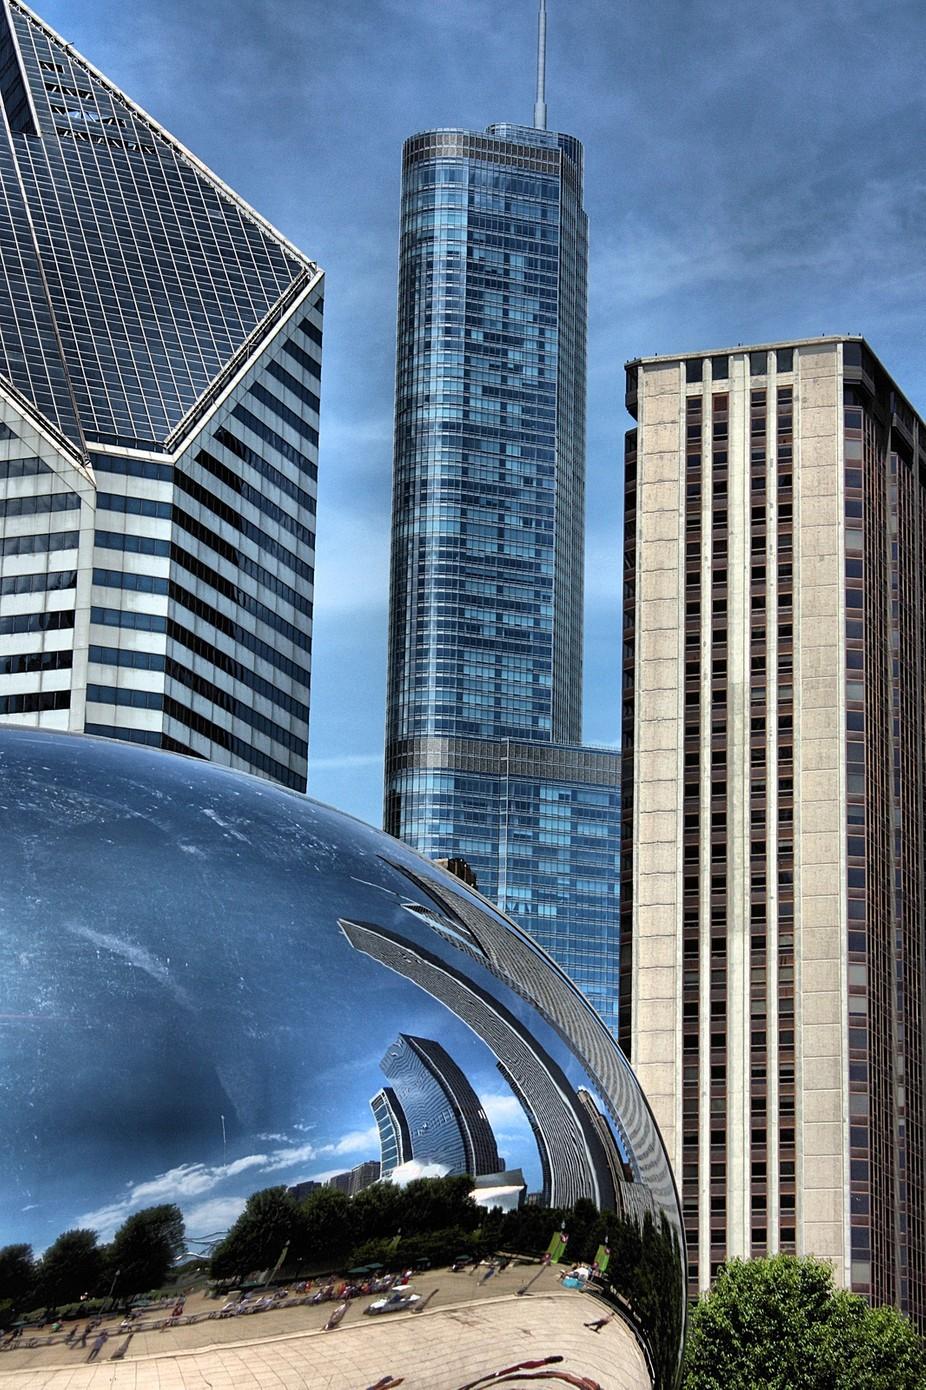 Taste of Chicago 06301147 edit 4x6